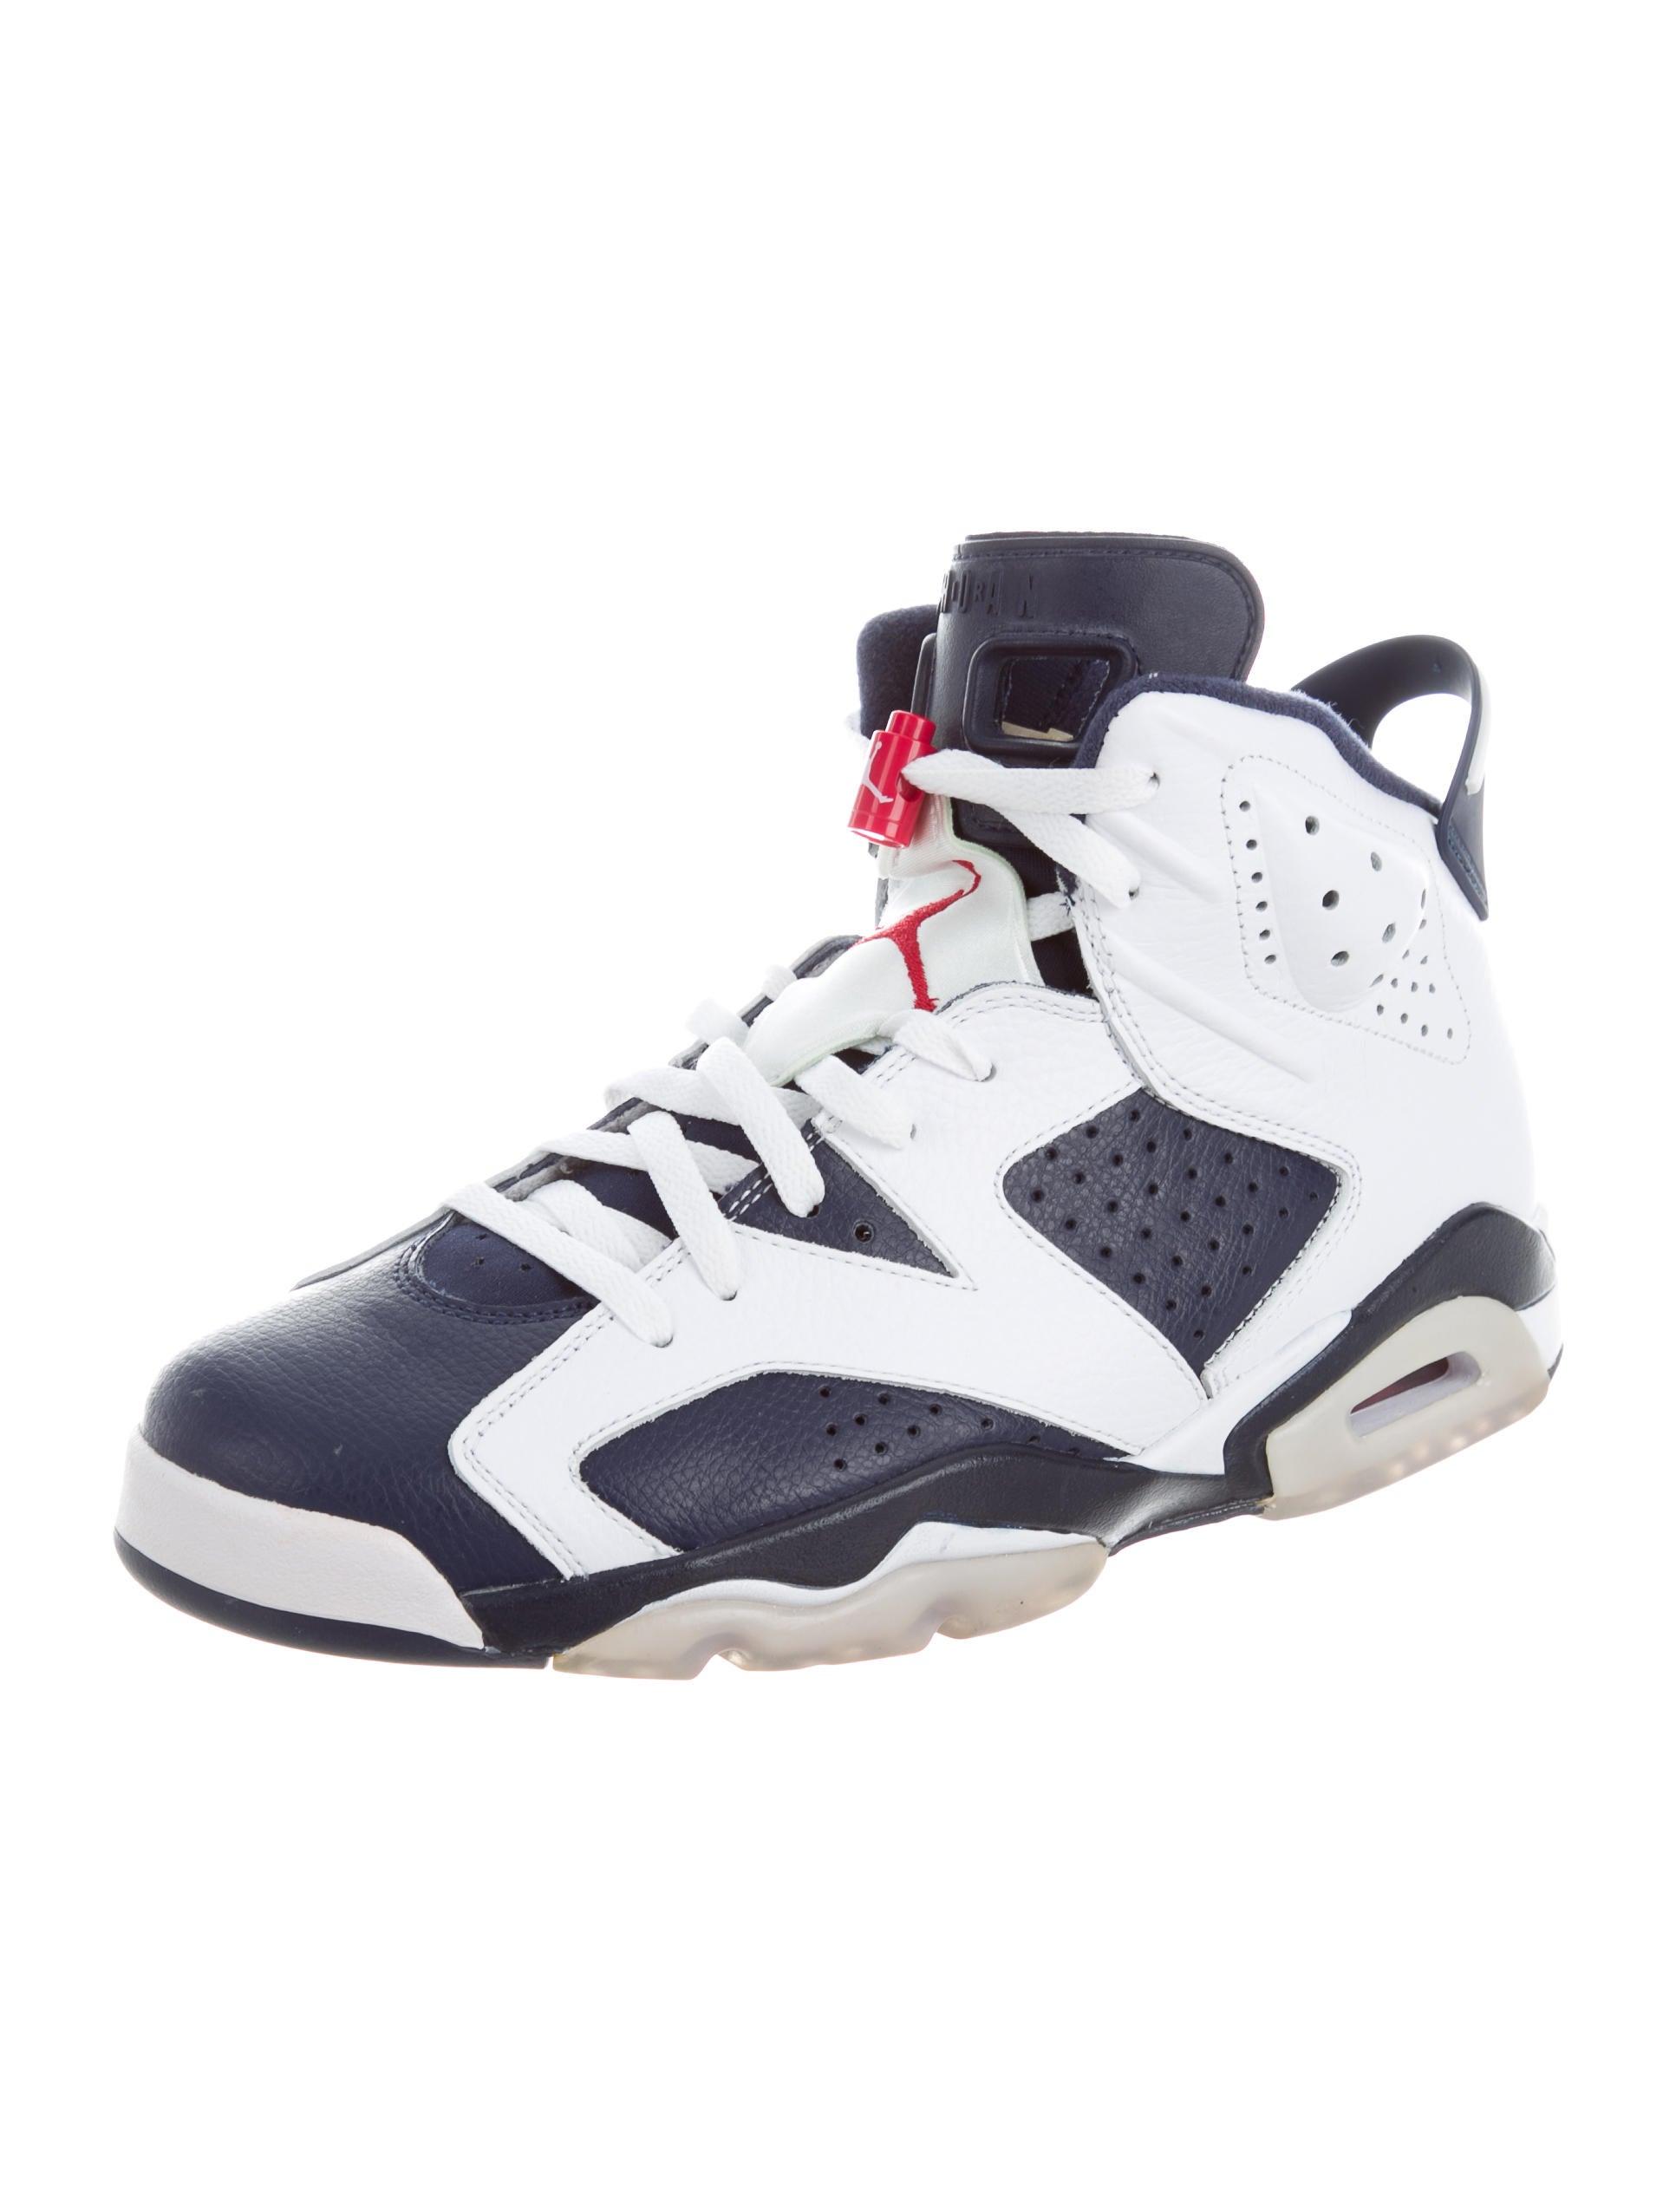 nike air jordan retro 6 olympic london - shoes